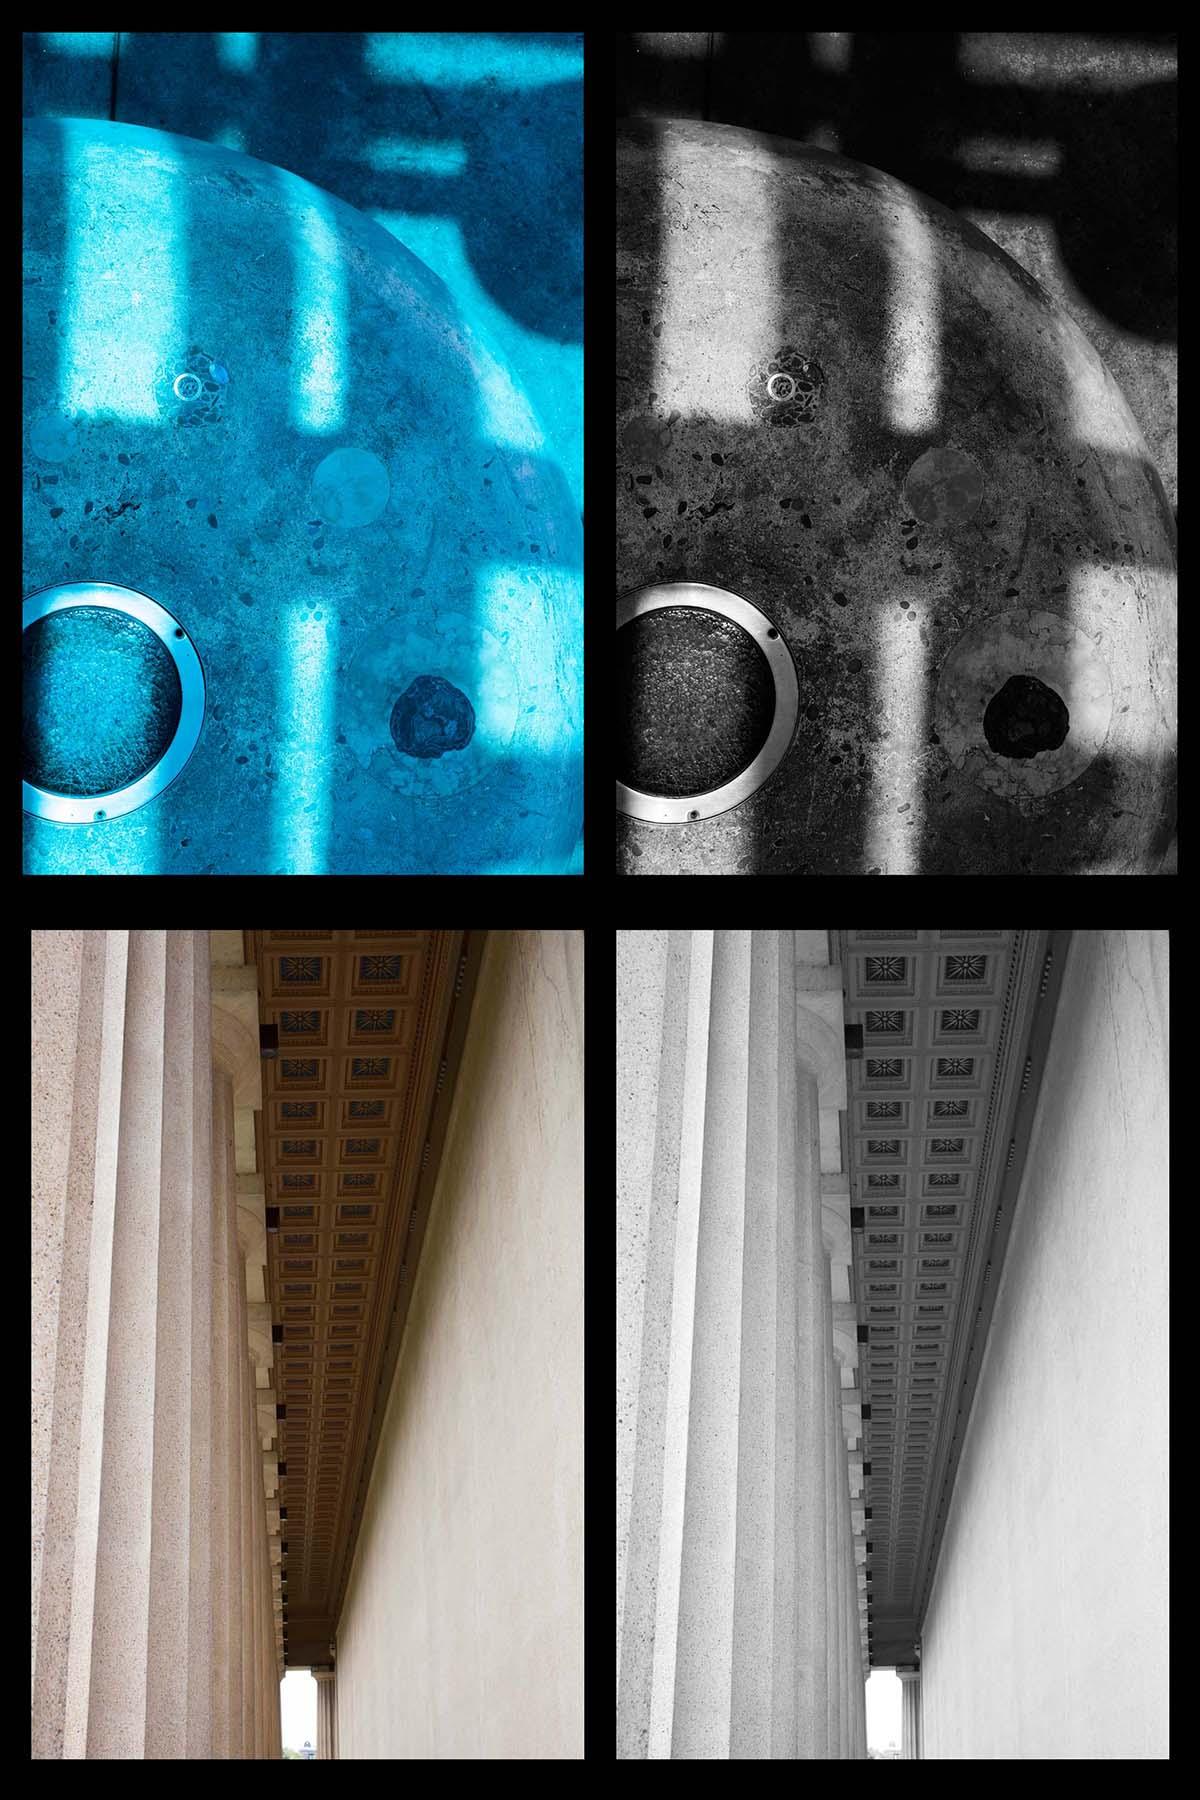 Top: LA Metro train station  Bottom: The Parthenon replica, Nashville, TN